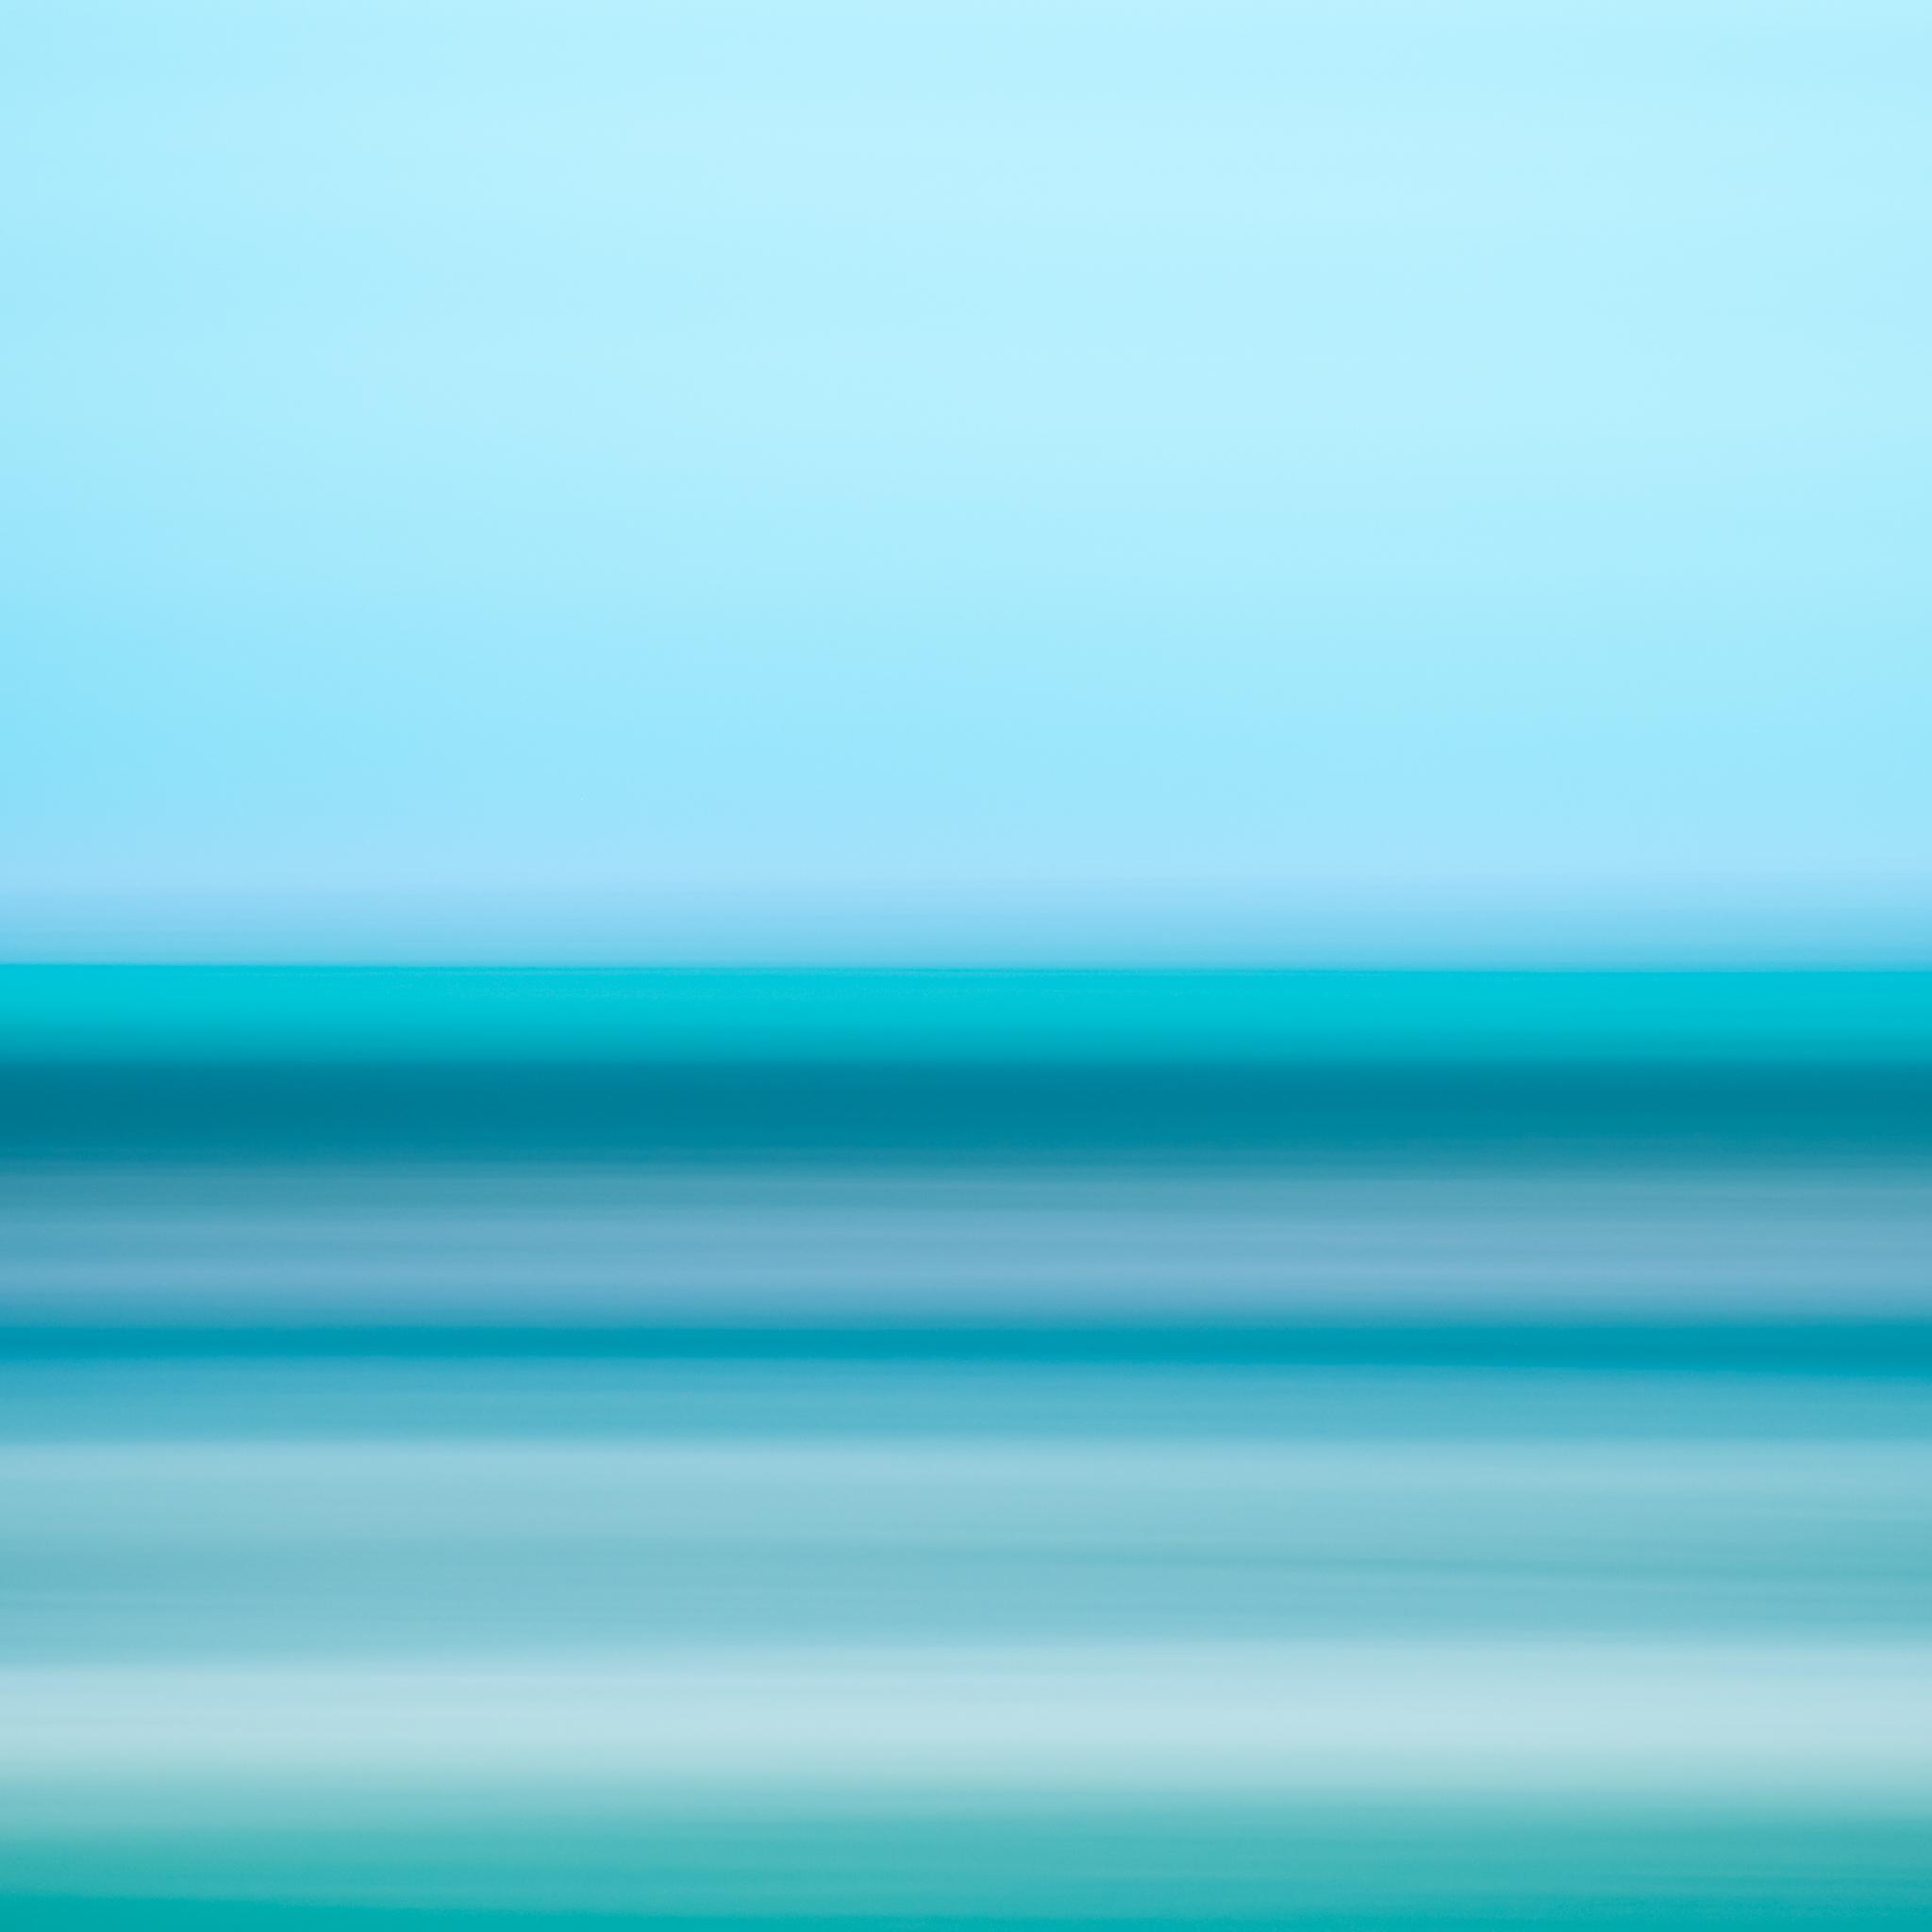 Atlantic Ocean, Miami Beach IV, 2019